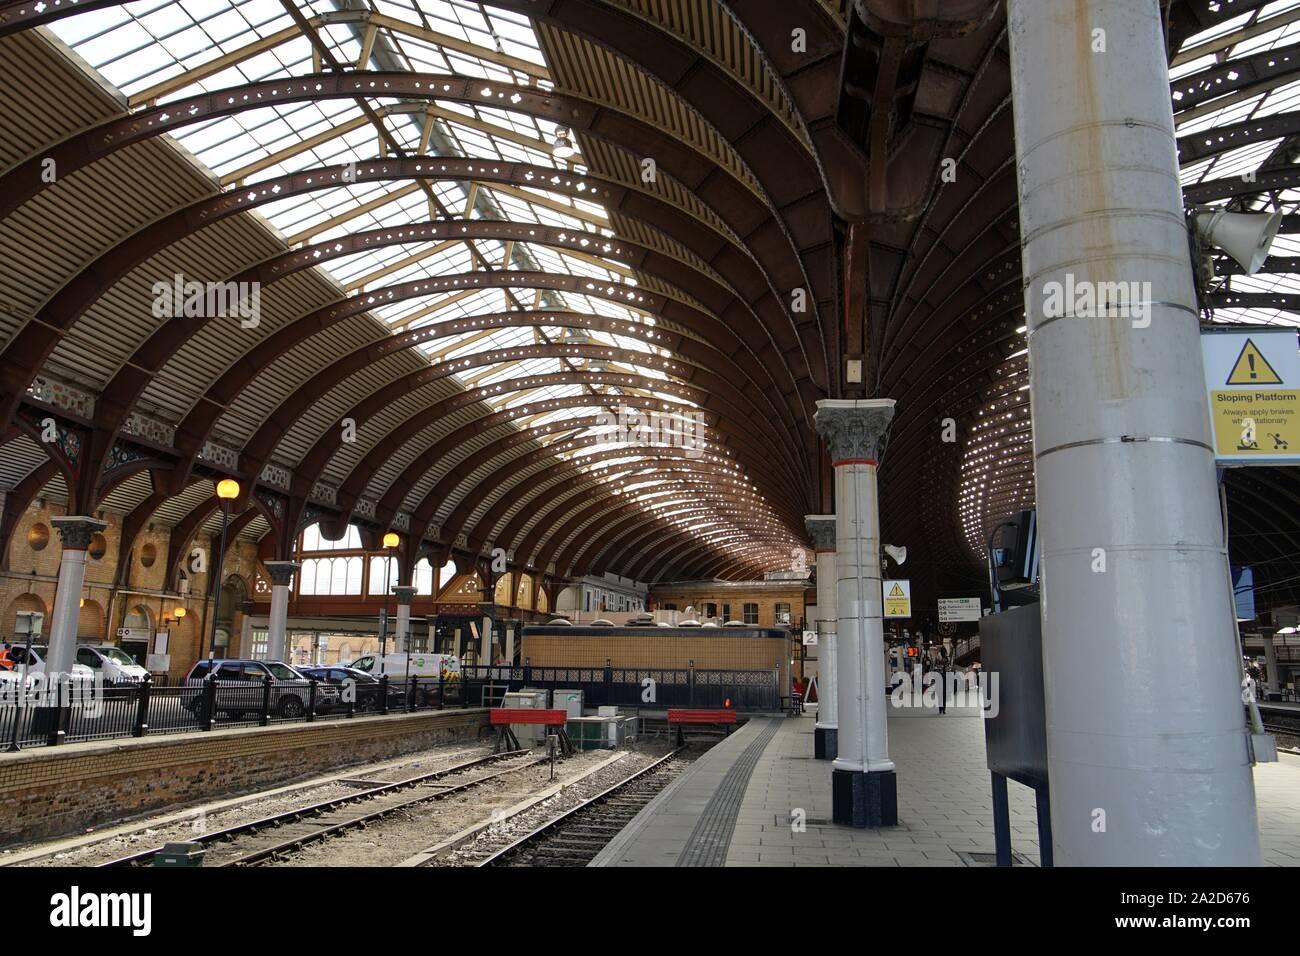 La gare de York Pavillon avec arcs en fer forgé et support en fonte colonnes incurvées autour des quais de gare à York Yorkshire Angleterre Banque D'Images